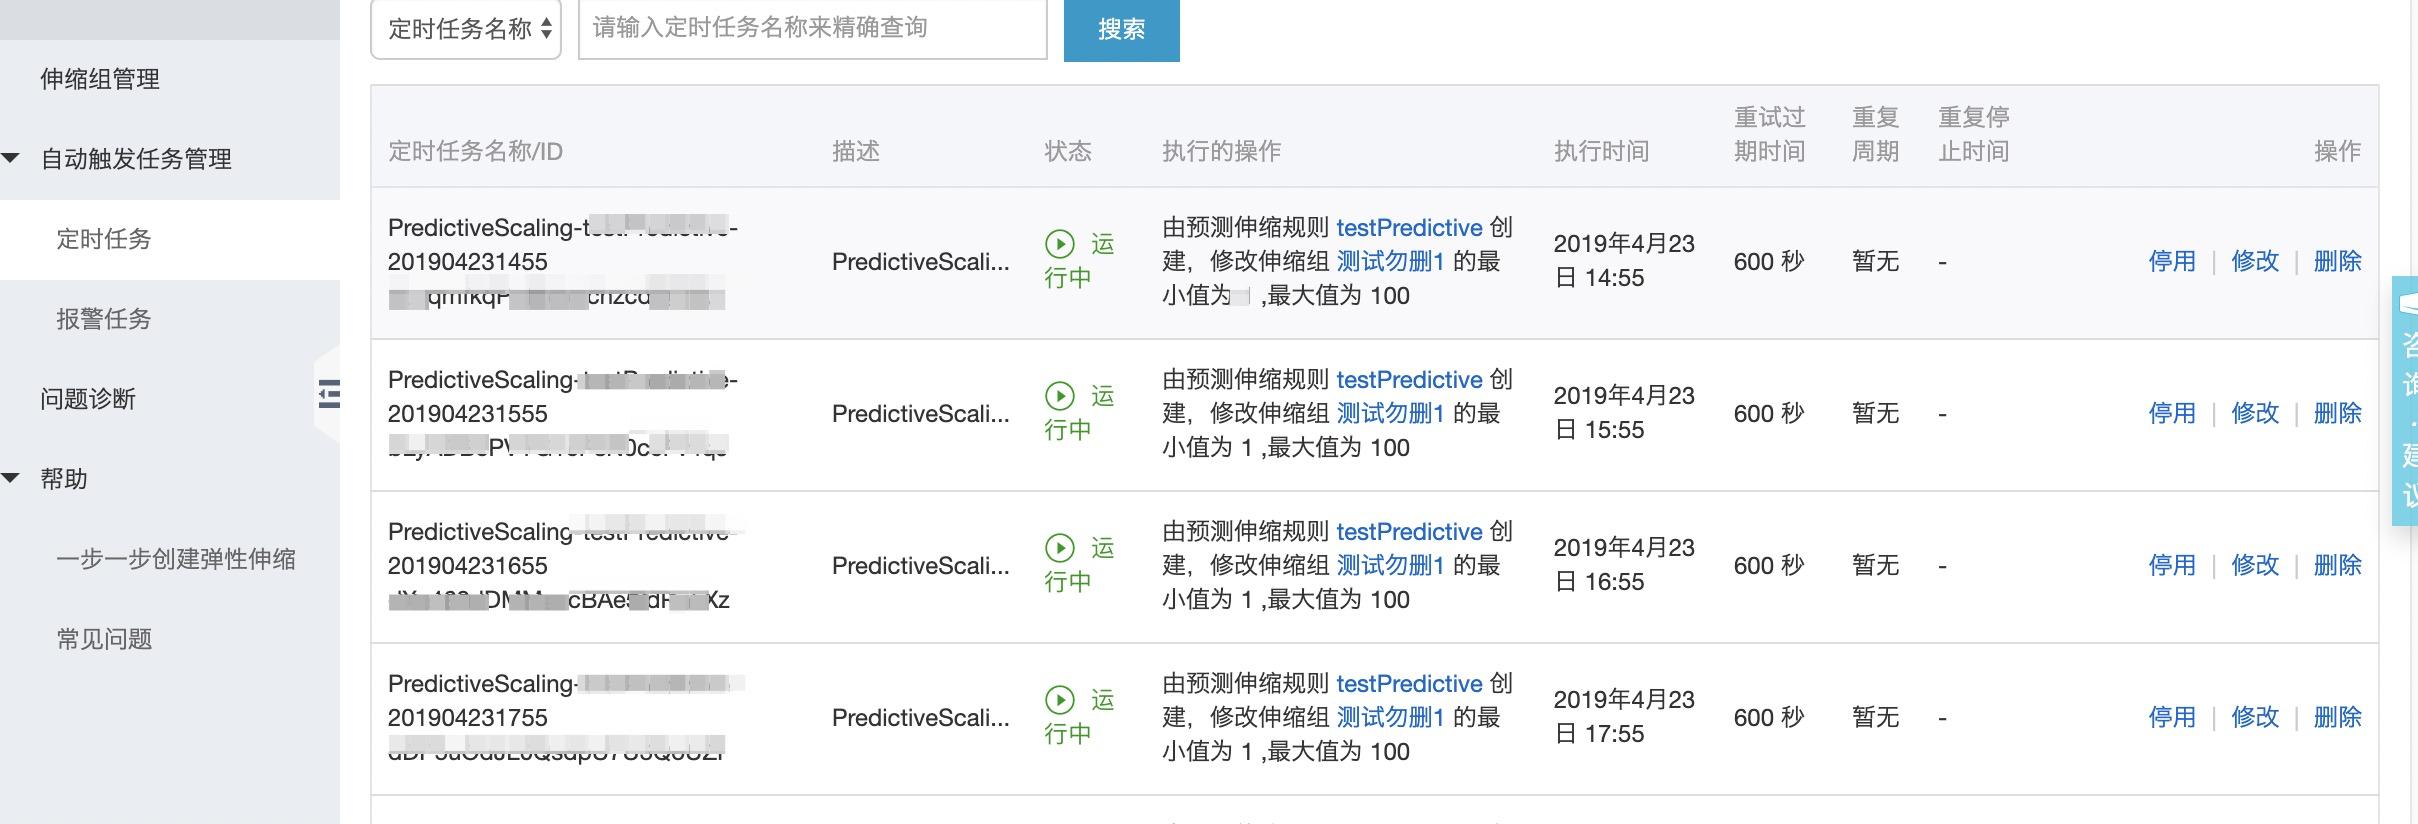 预测任务示例.png